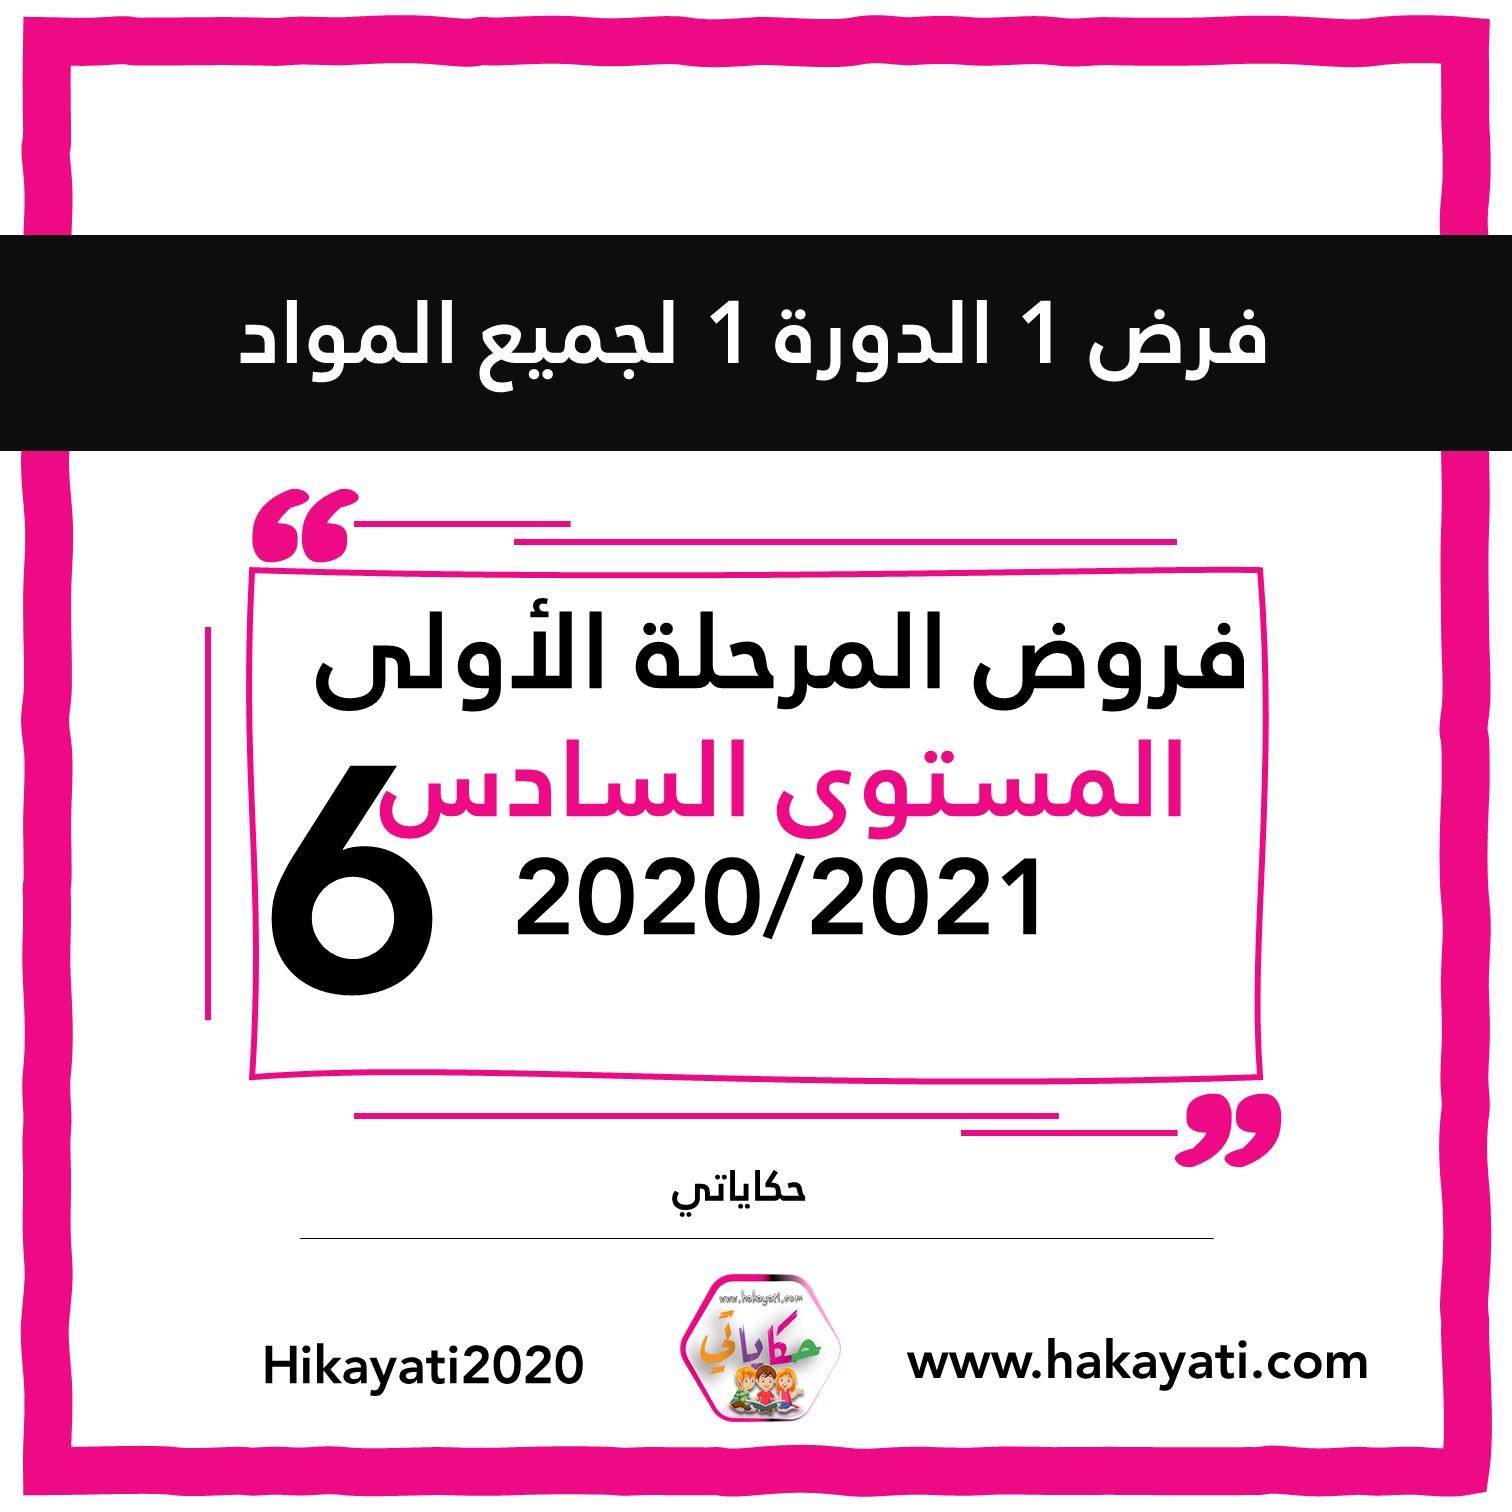 الفرض الأول 1 من الدورة الأولى 1 لجميع مواد المستوى السادس وفق المنهاج المنقح 2021-2020